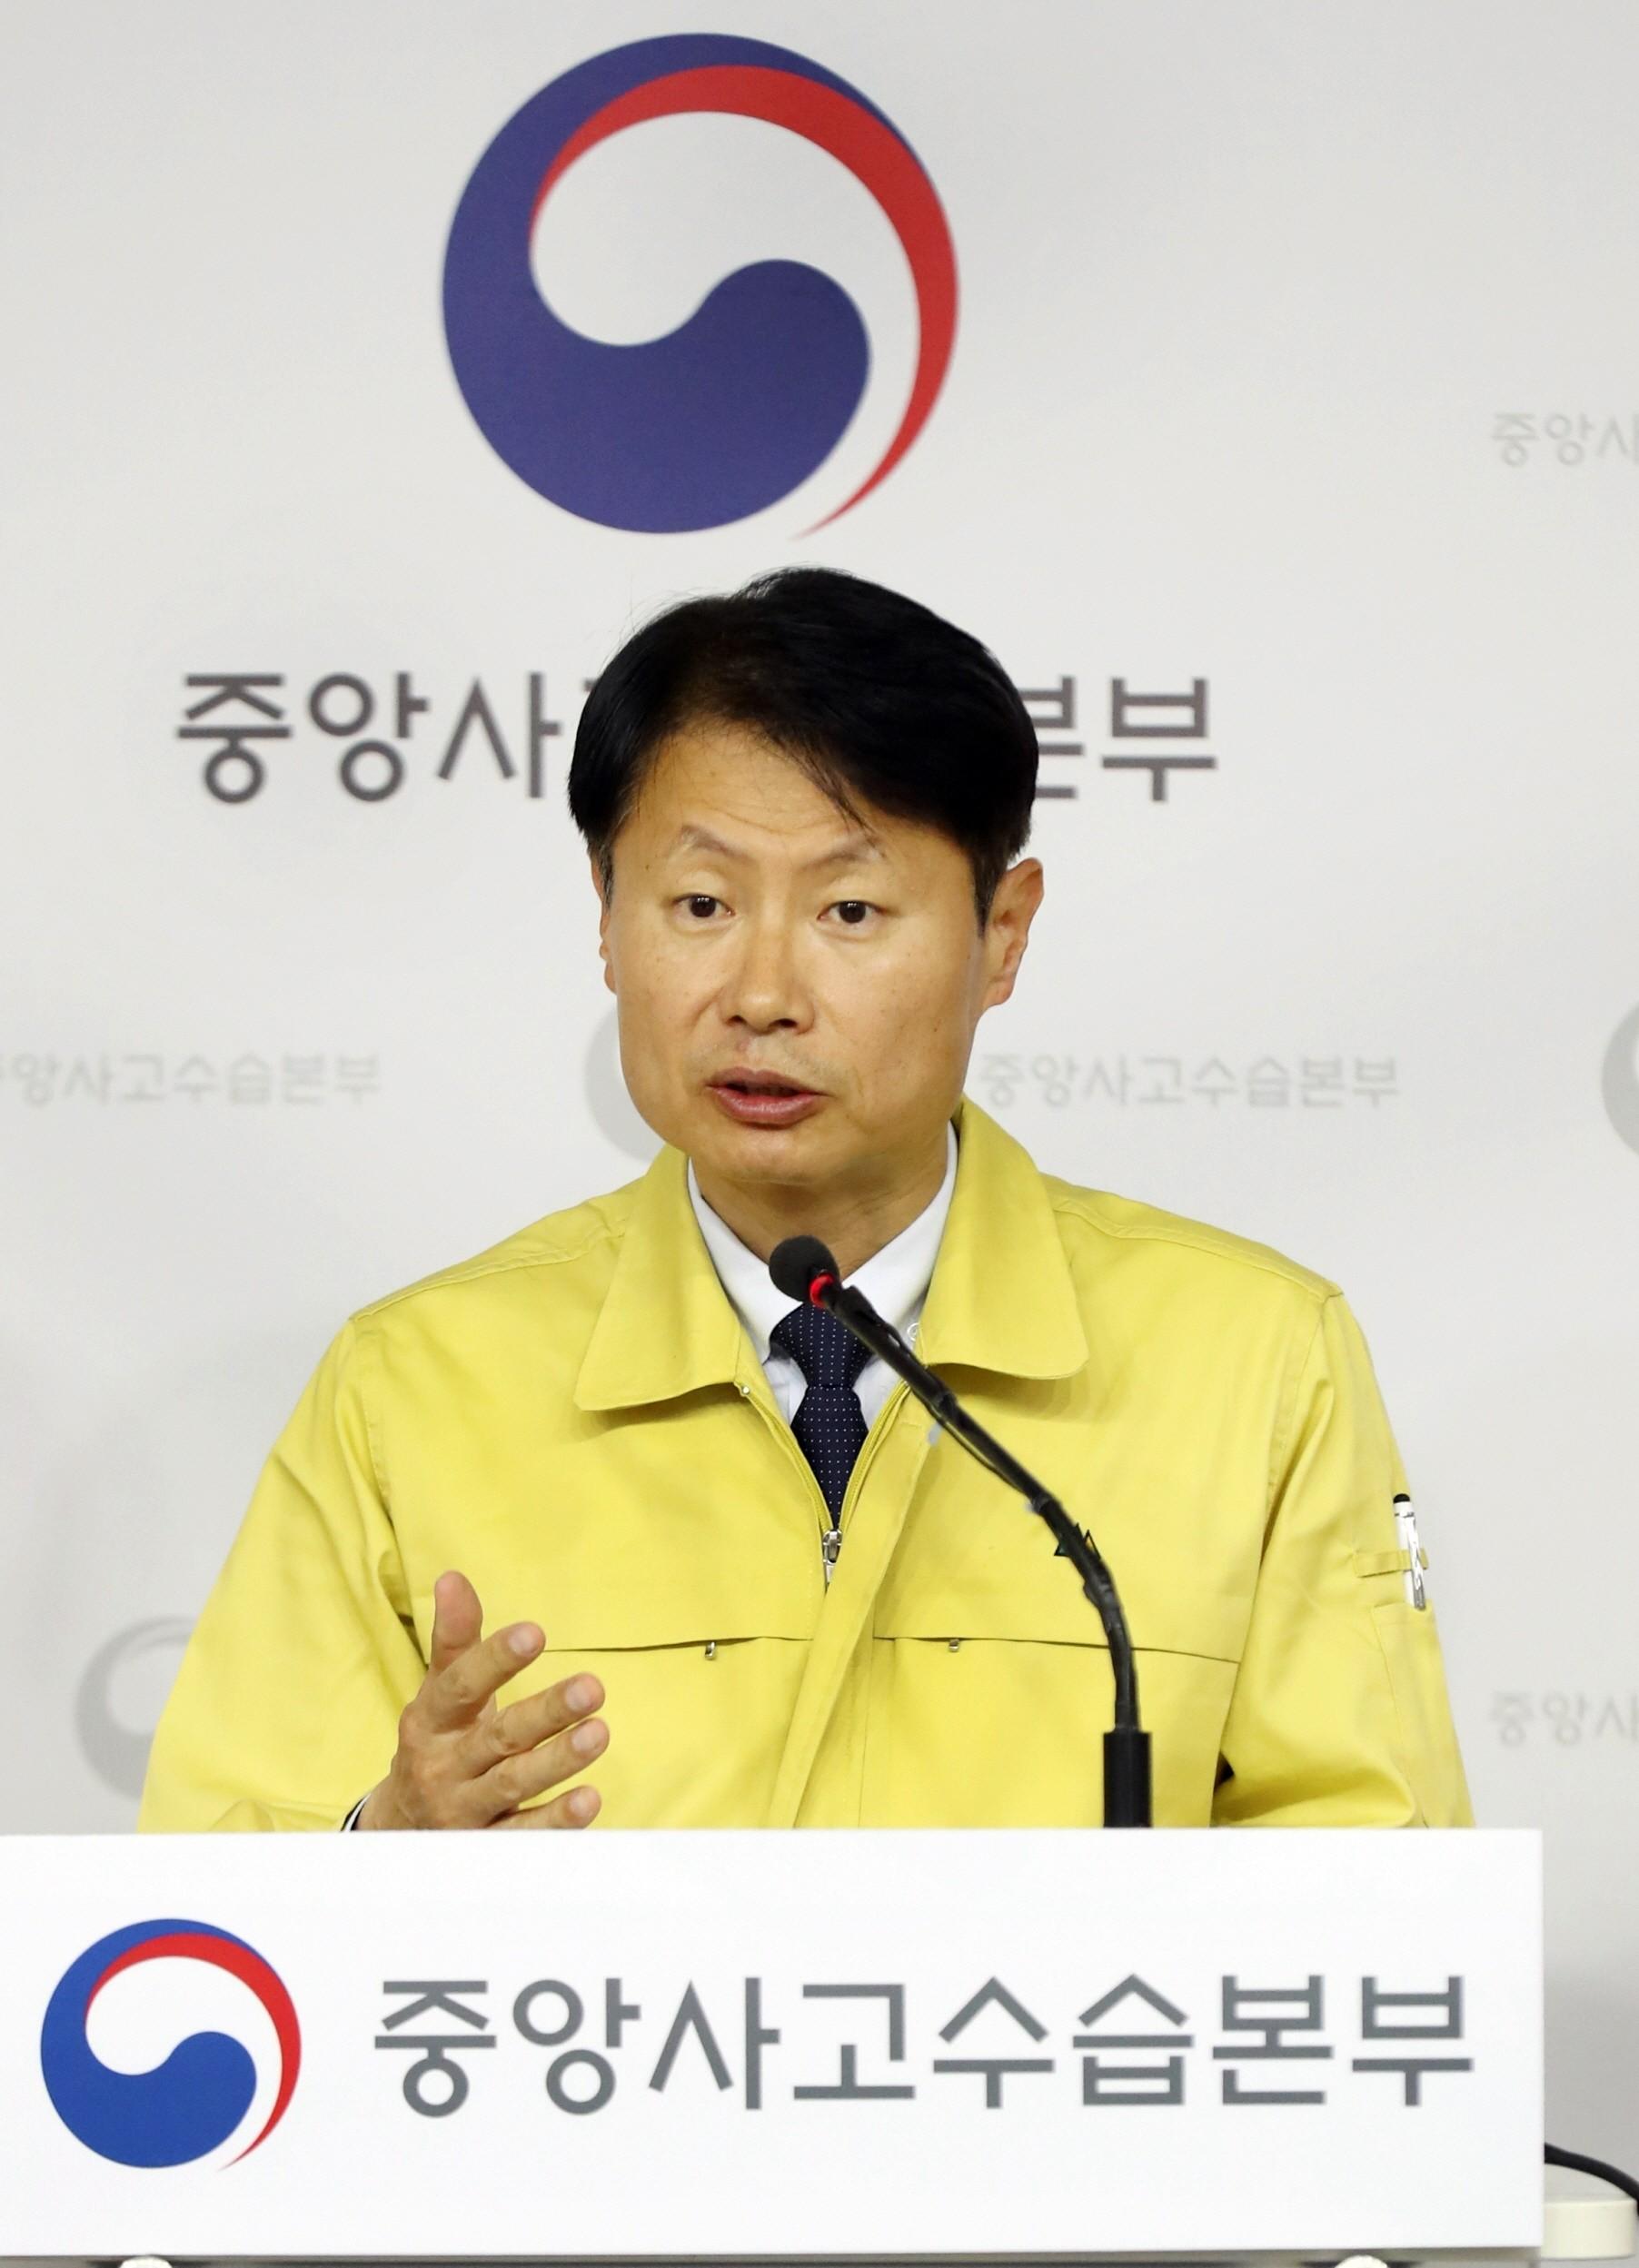 11일 신종코로나 현안을 발표하는 김강립 복지부 차관